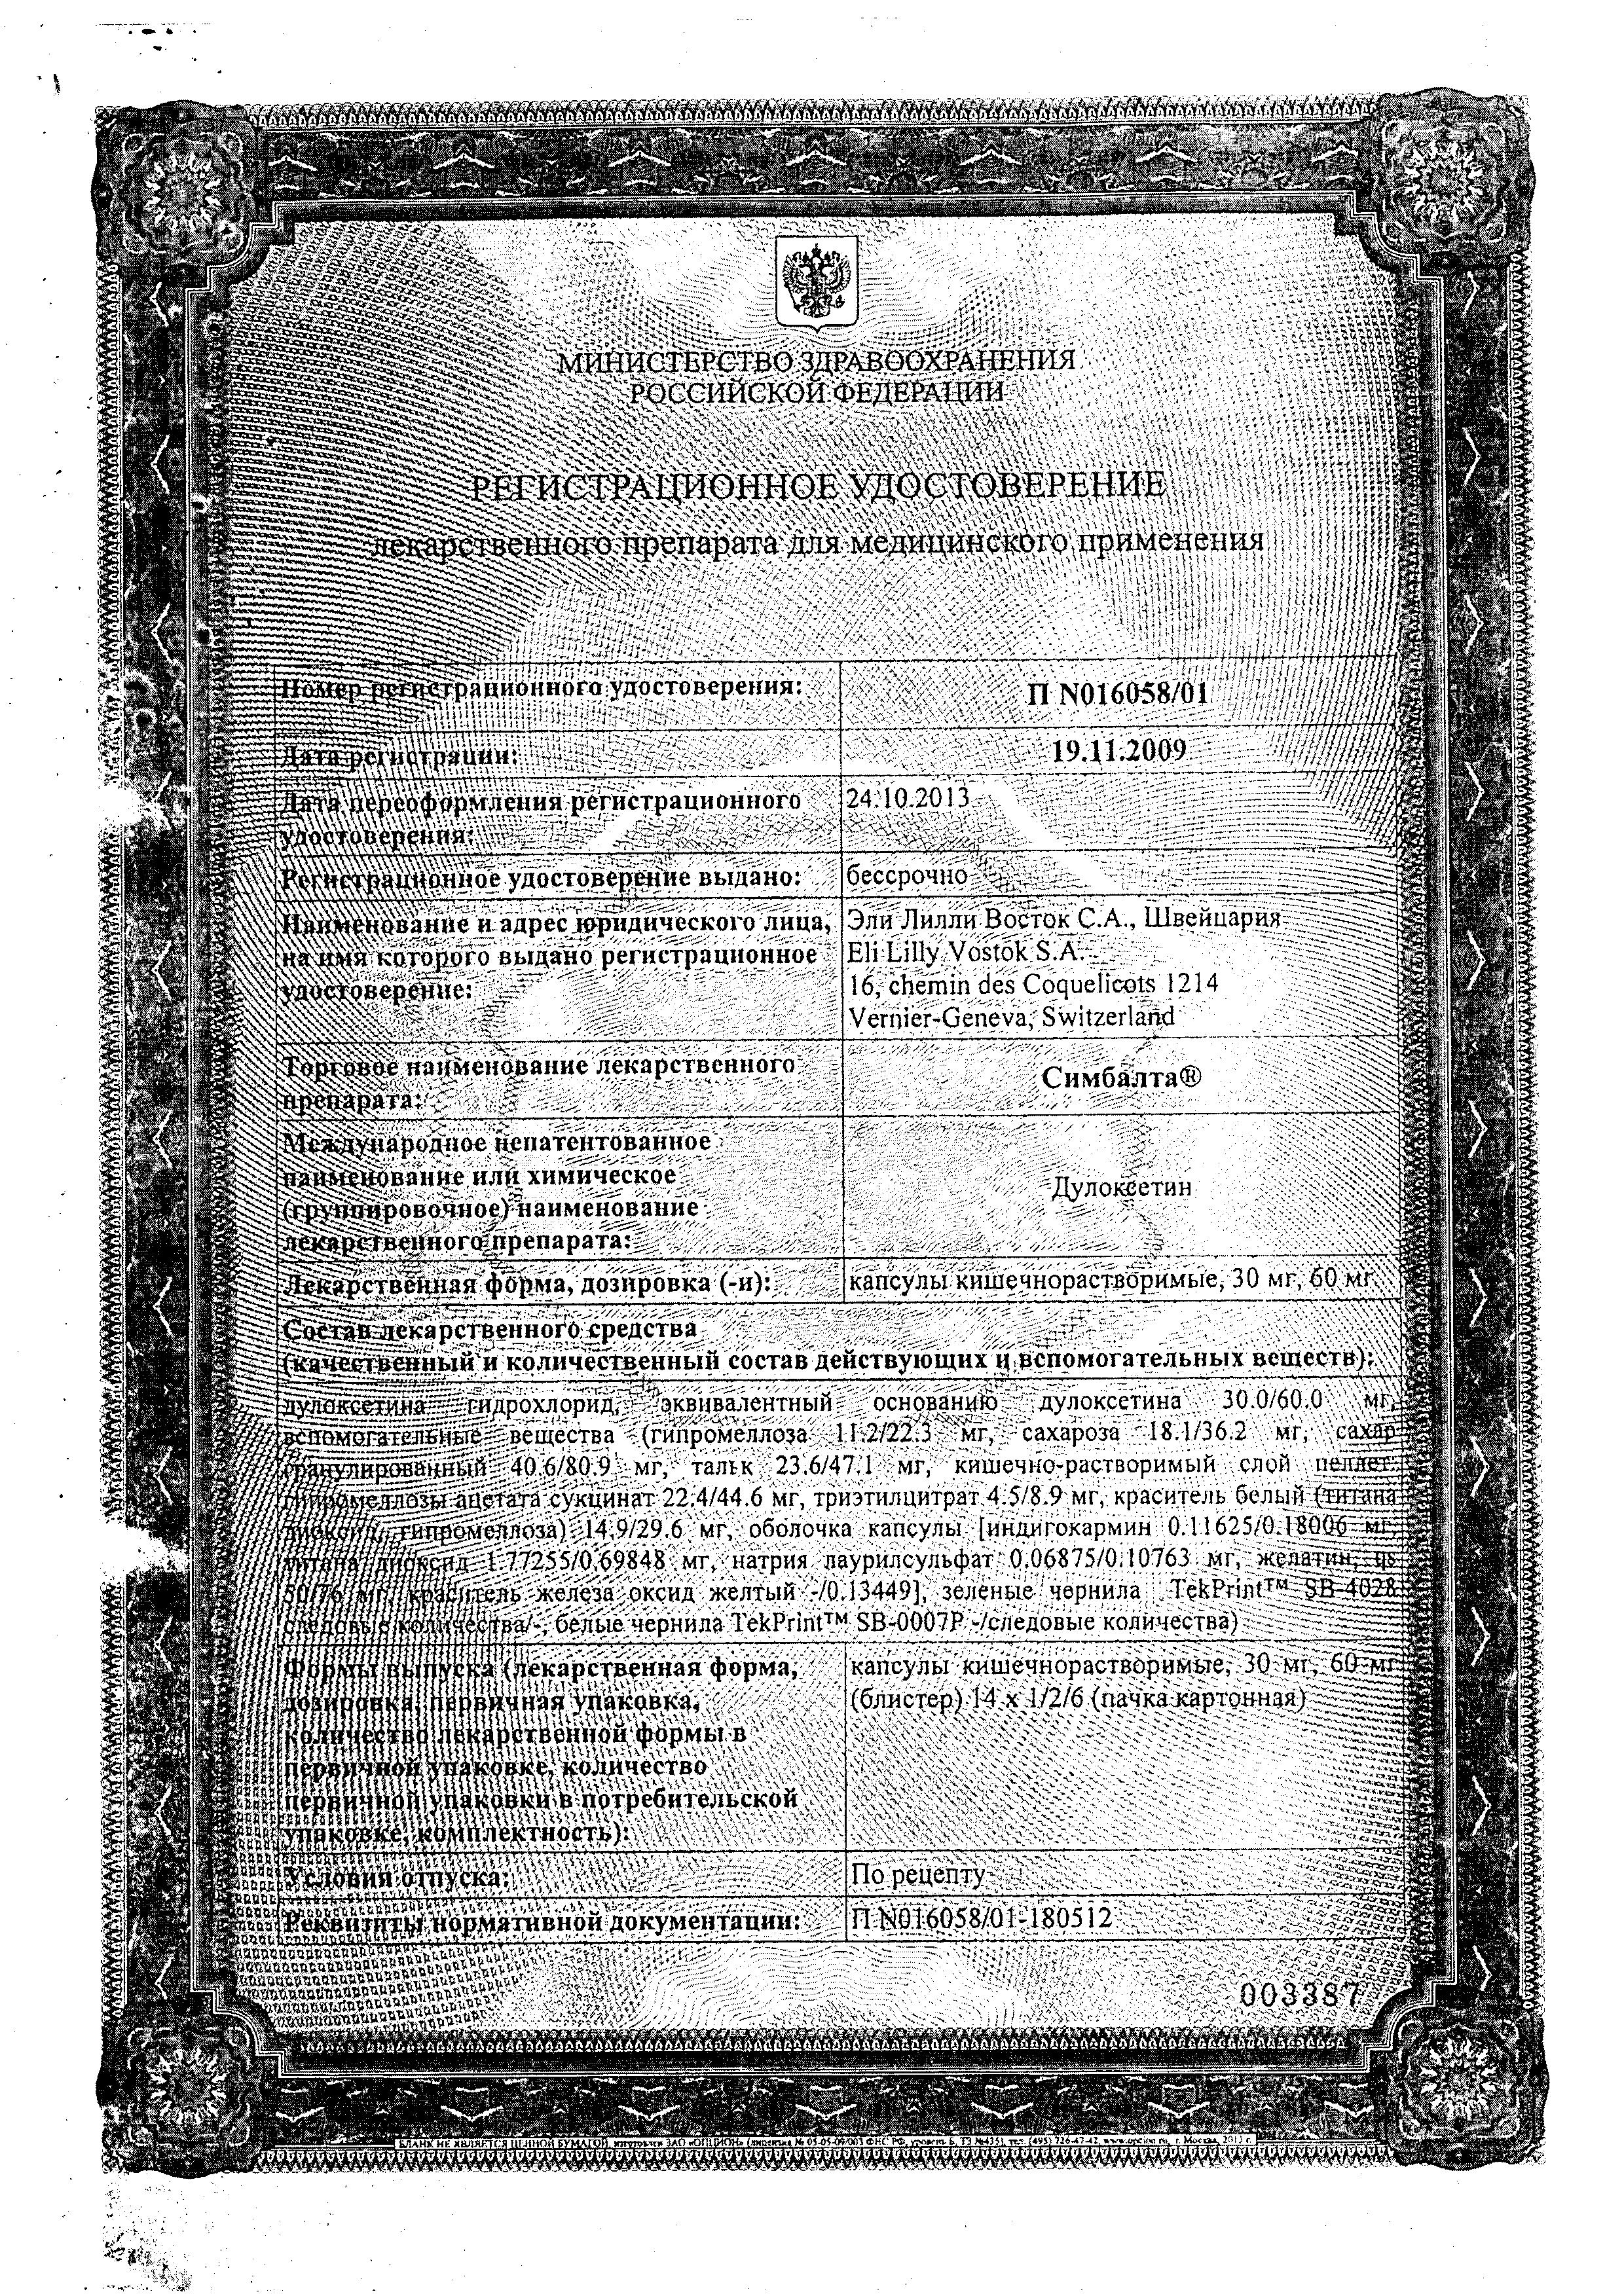 Симбалта сертификат